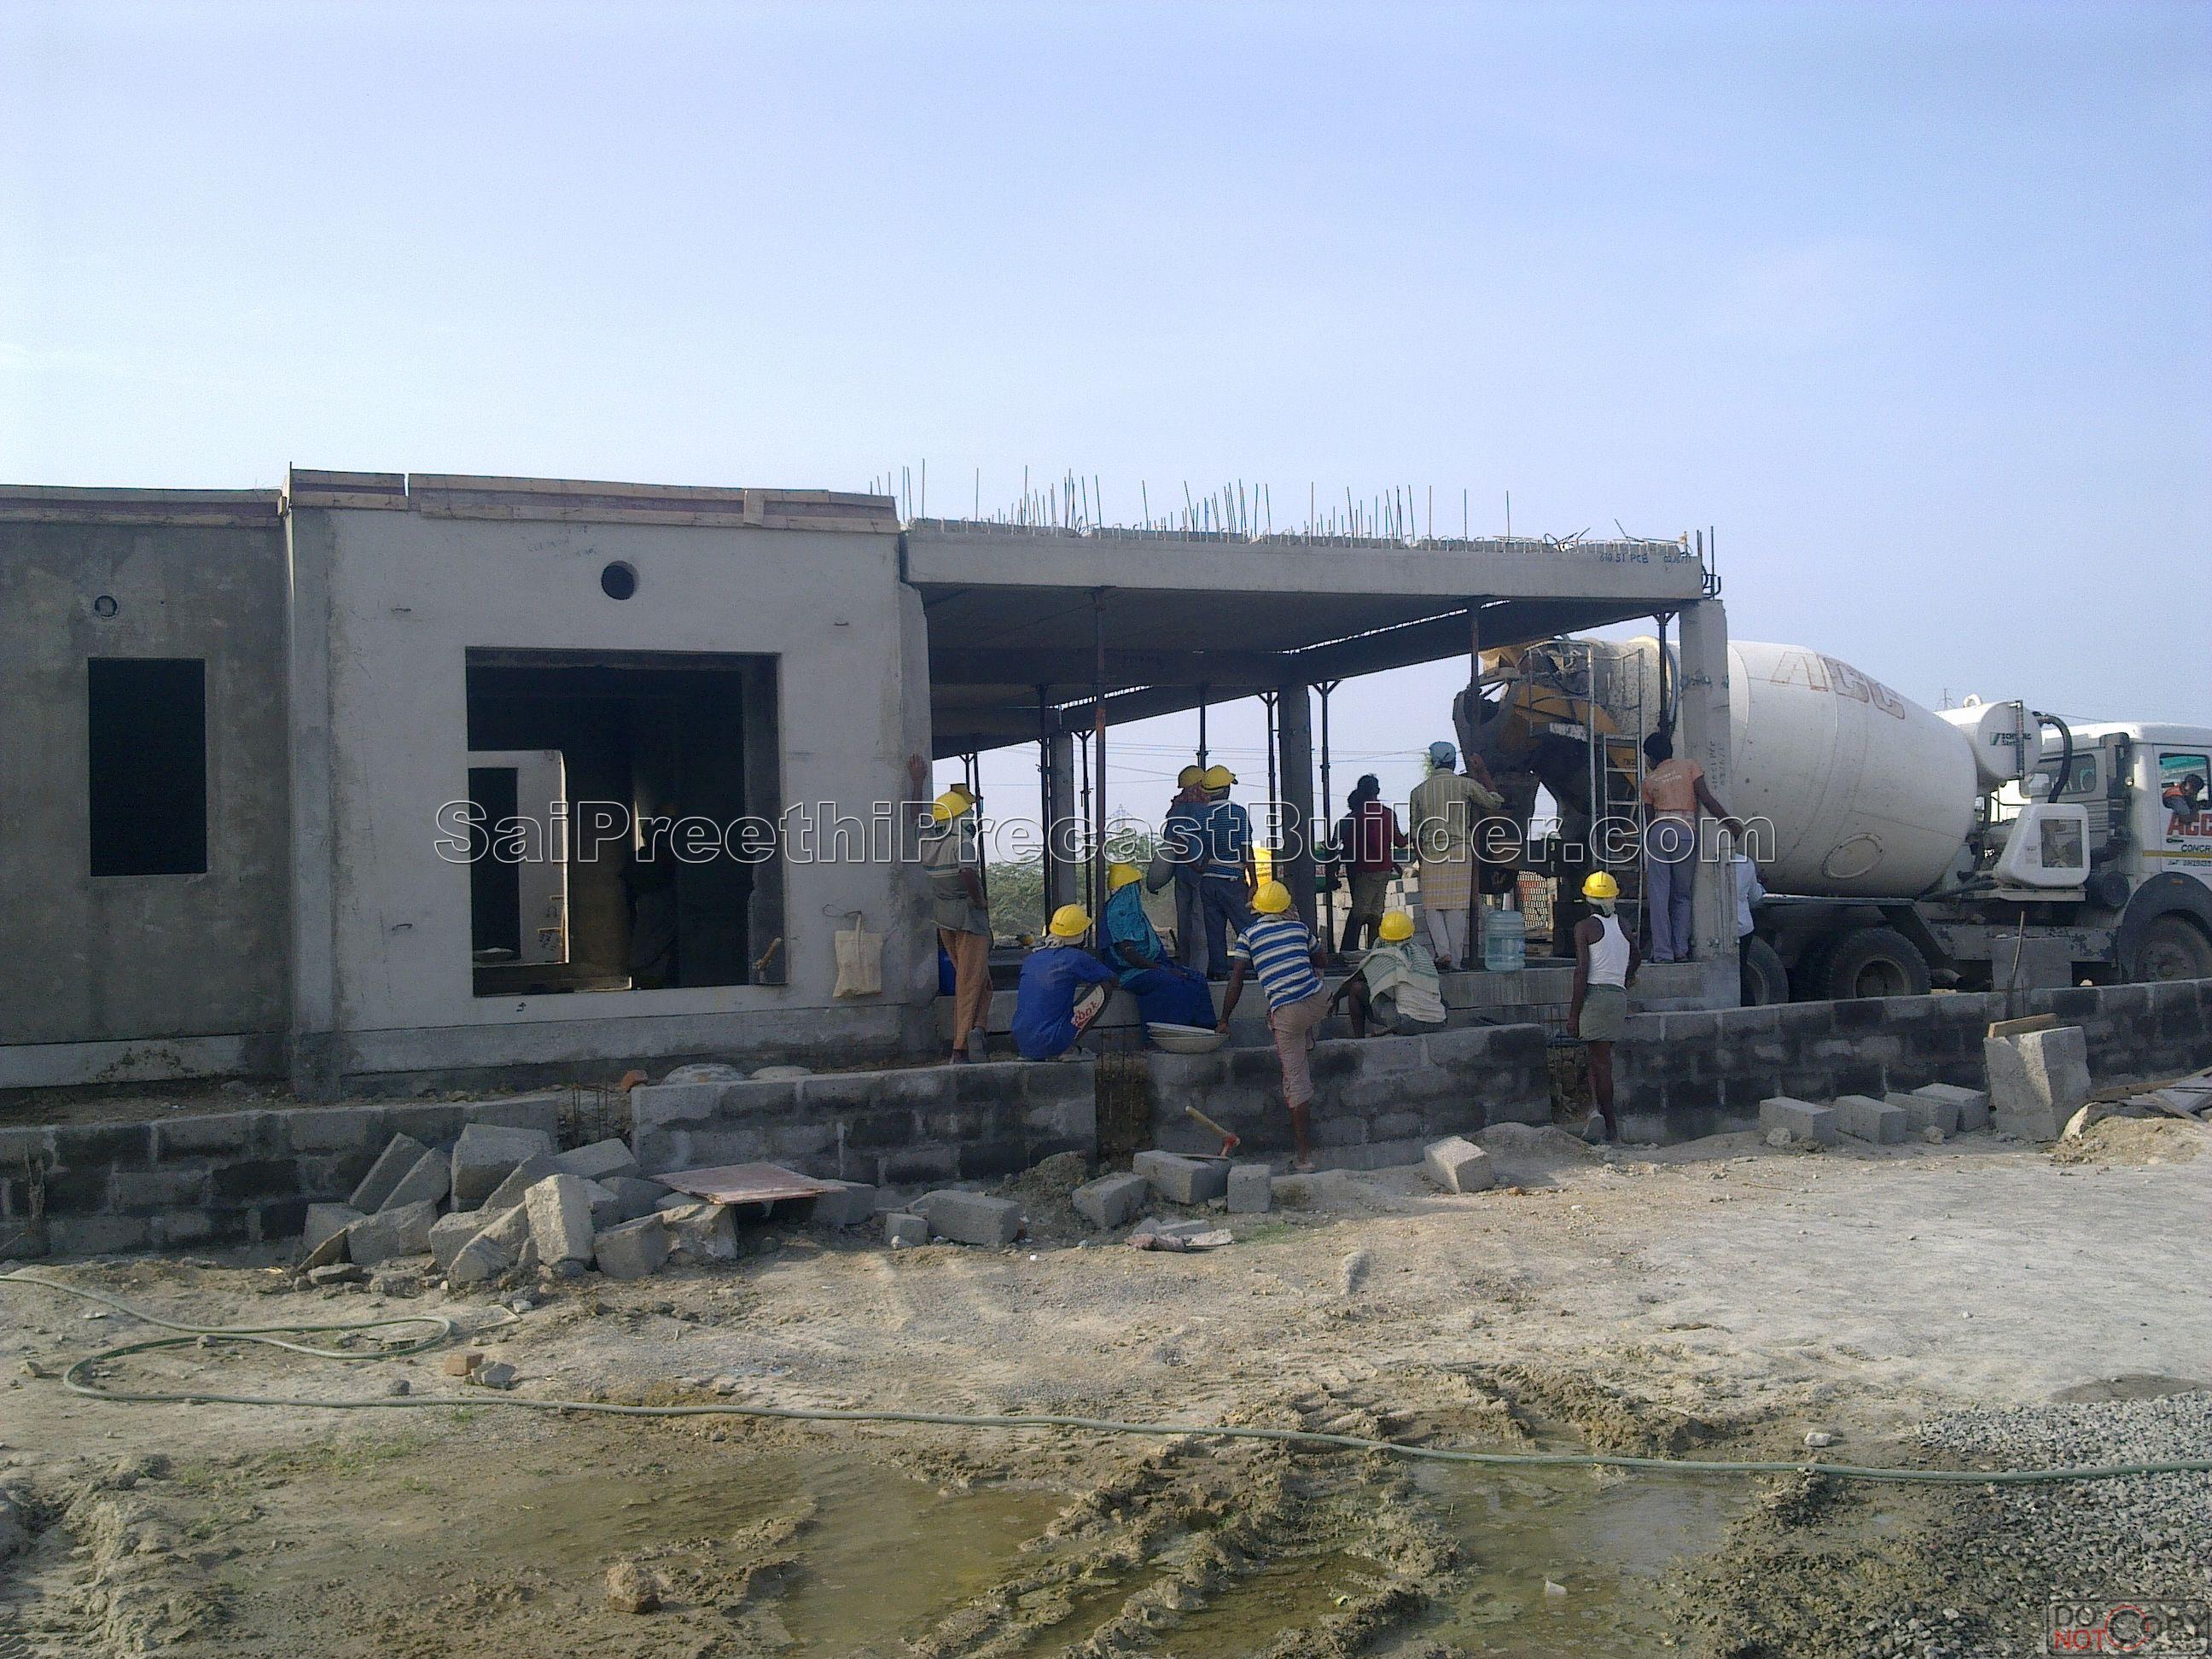 Precast residential house 2 sai preethi precast builder for Precast concrete home